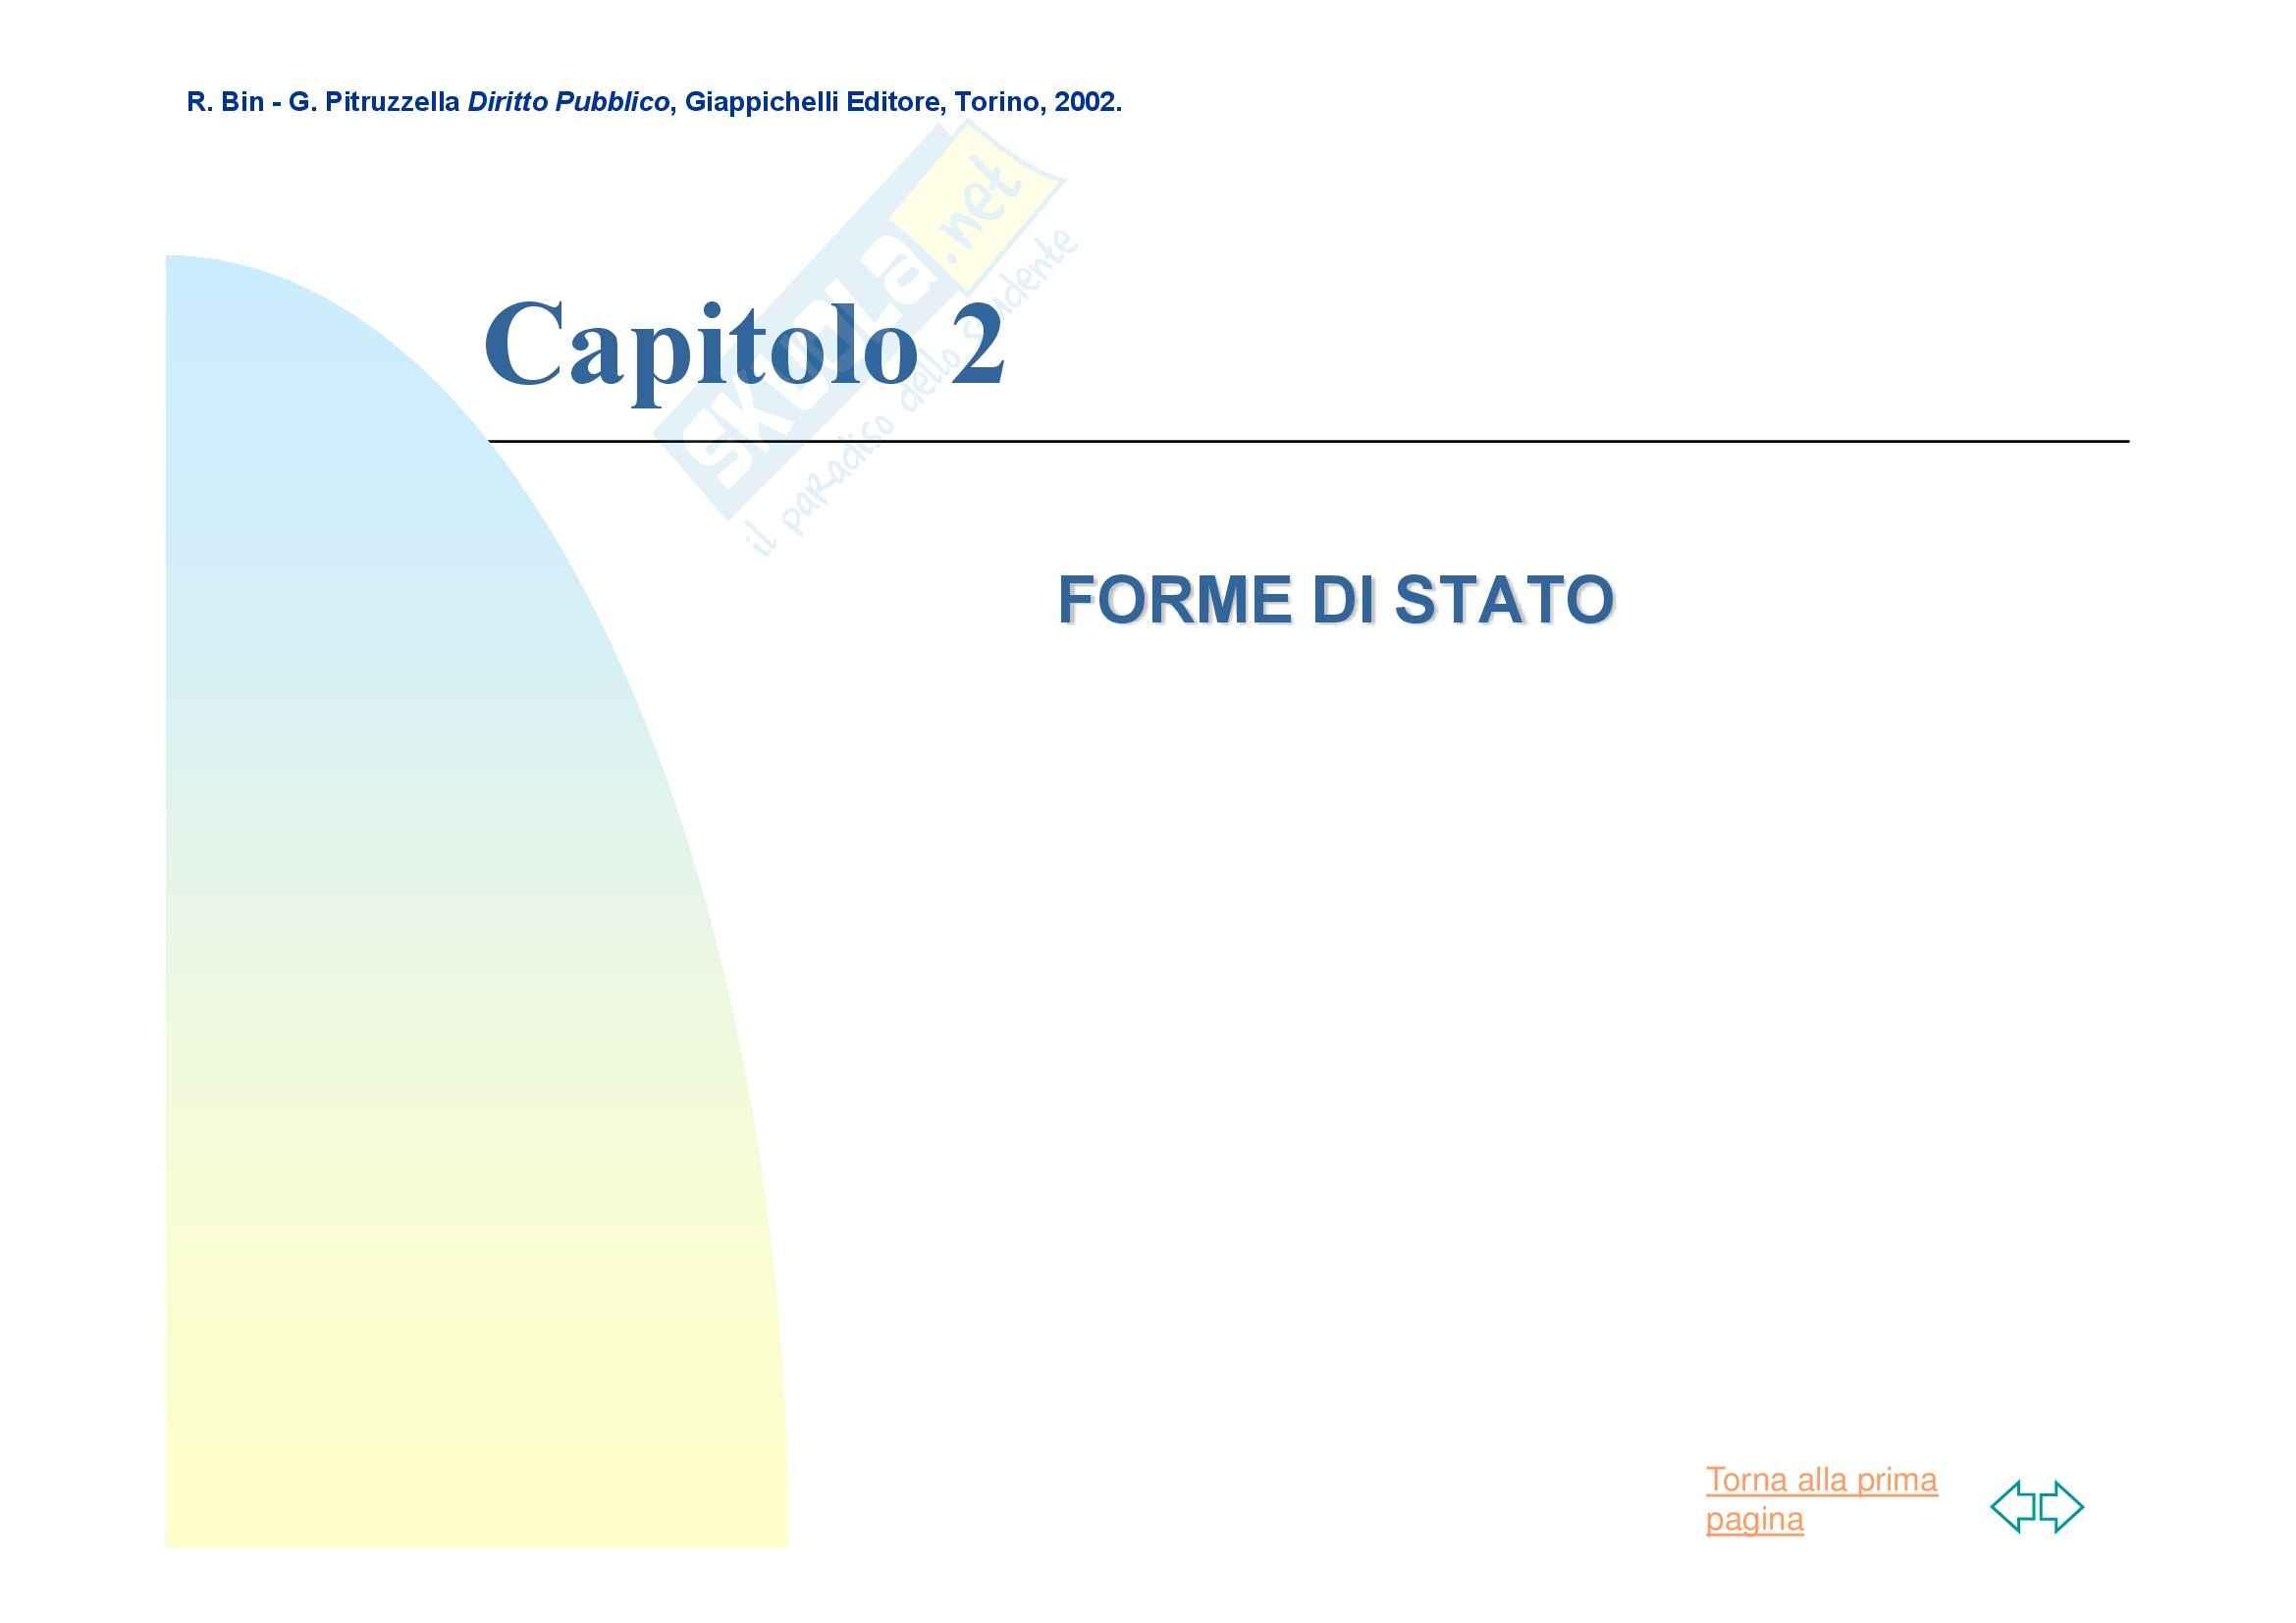 Diritto pubblico - Forme di Stato